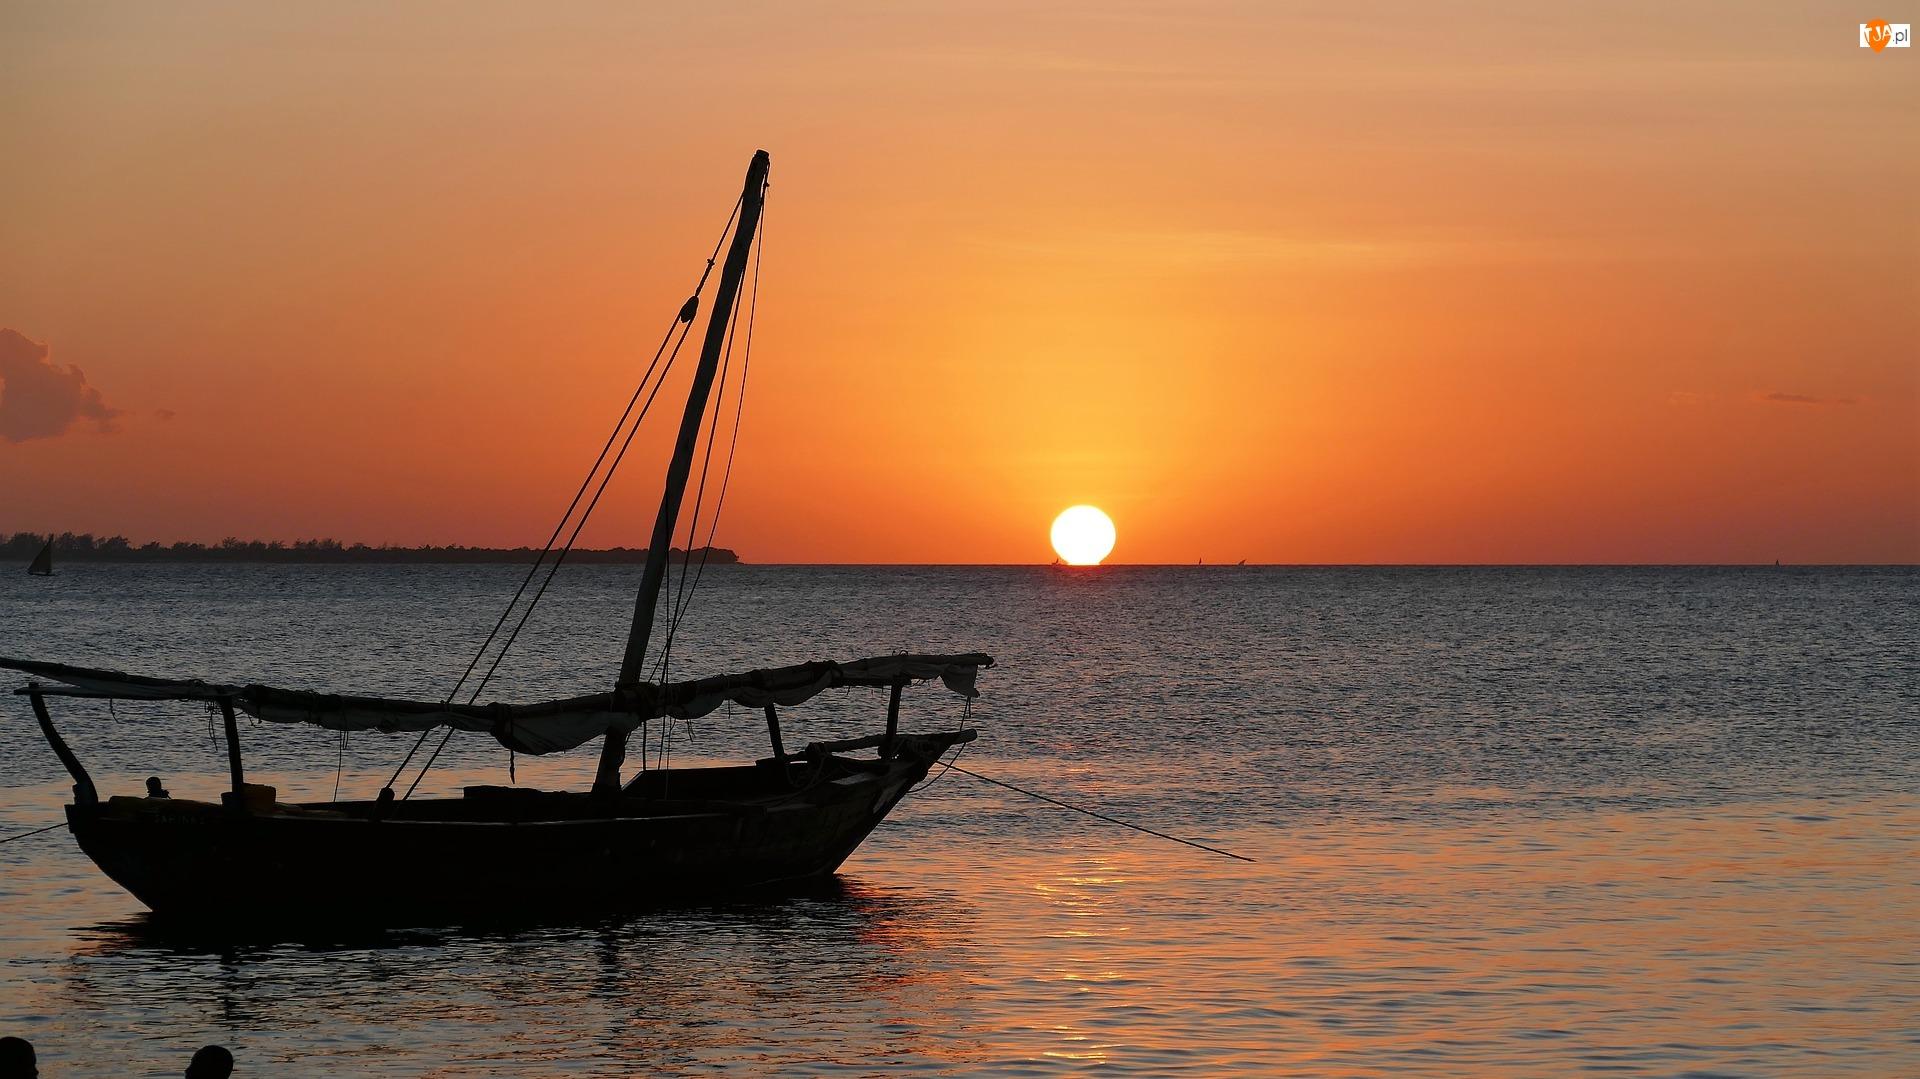 Zachód słońca, Morze, Żaglówka